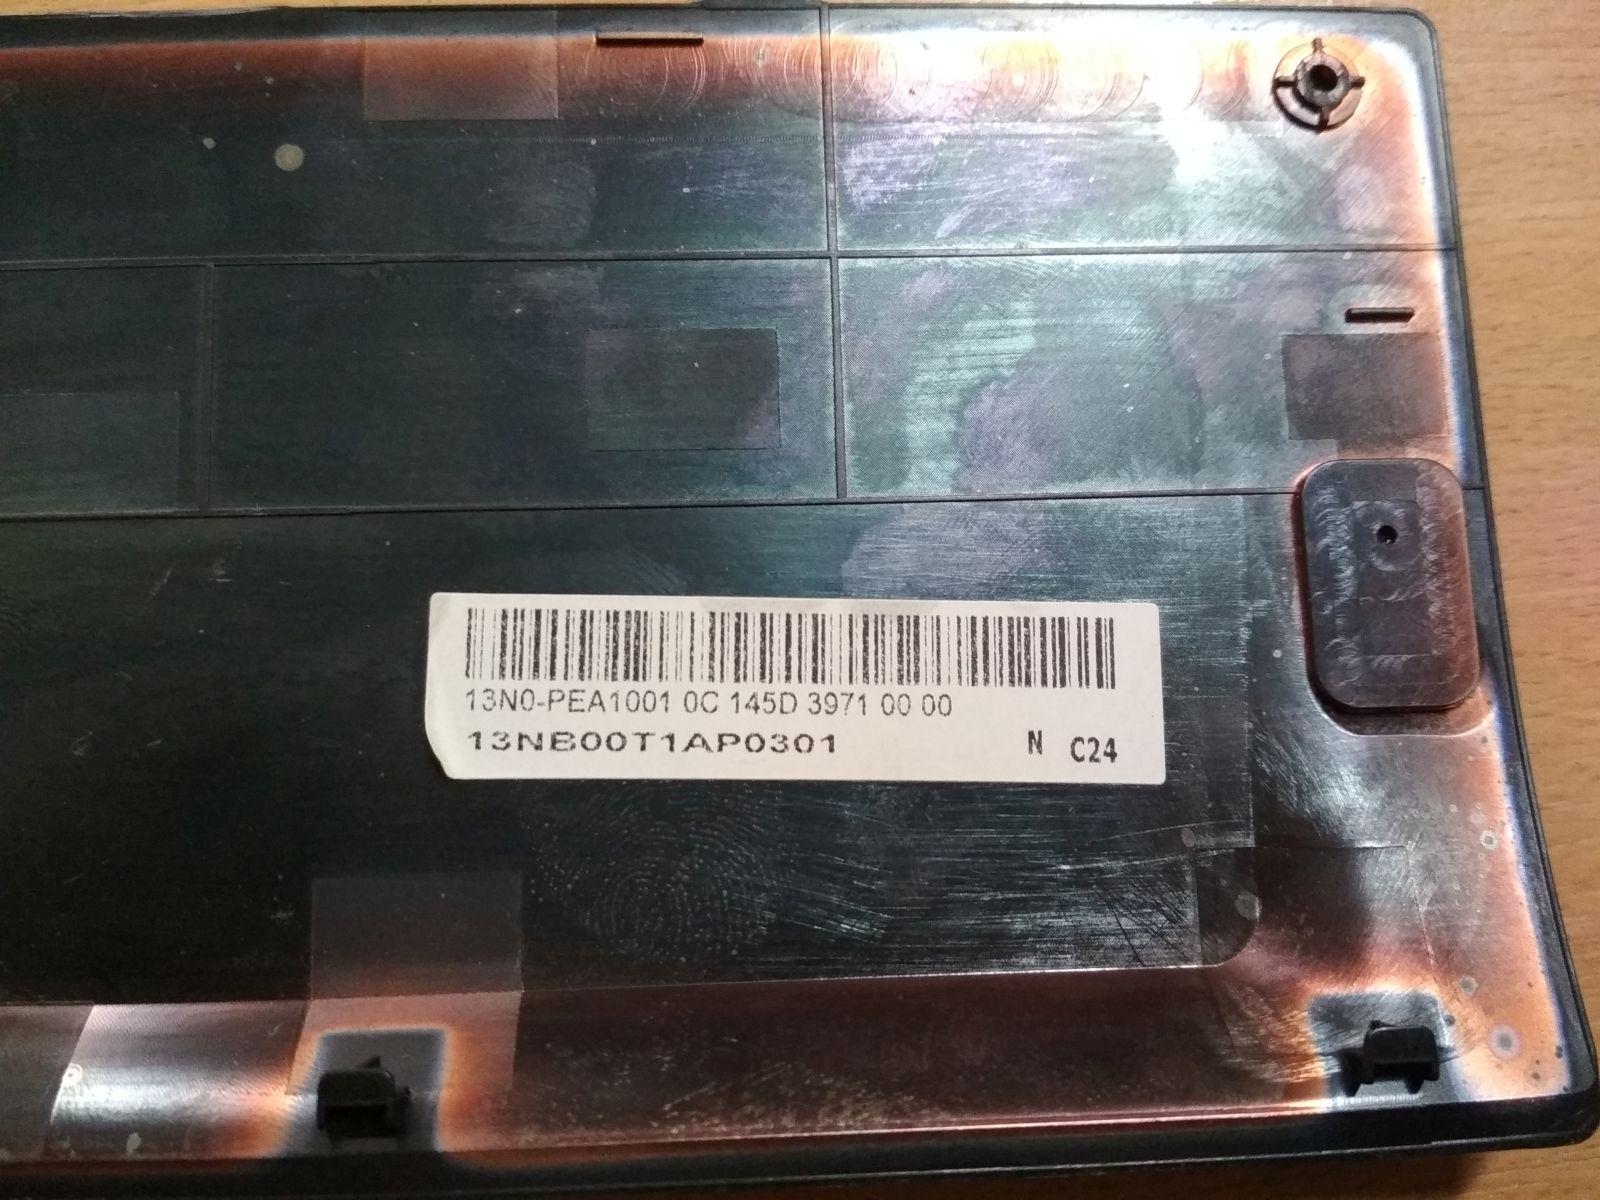 Asus X550C X550CA P550C P550CA HDD Ramfedél használt 13NB00T1AP0301 1 hó gar!